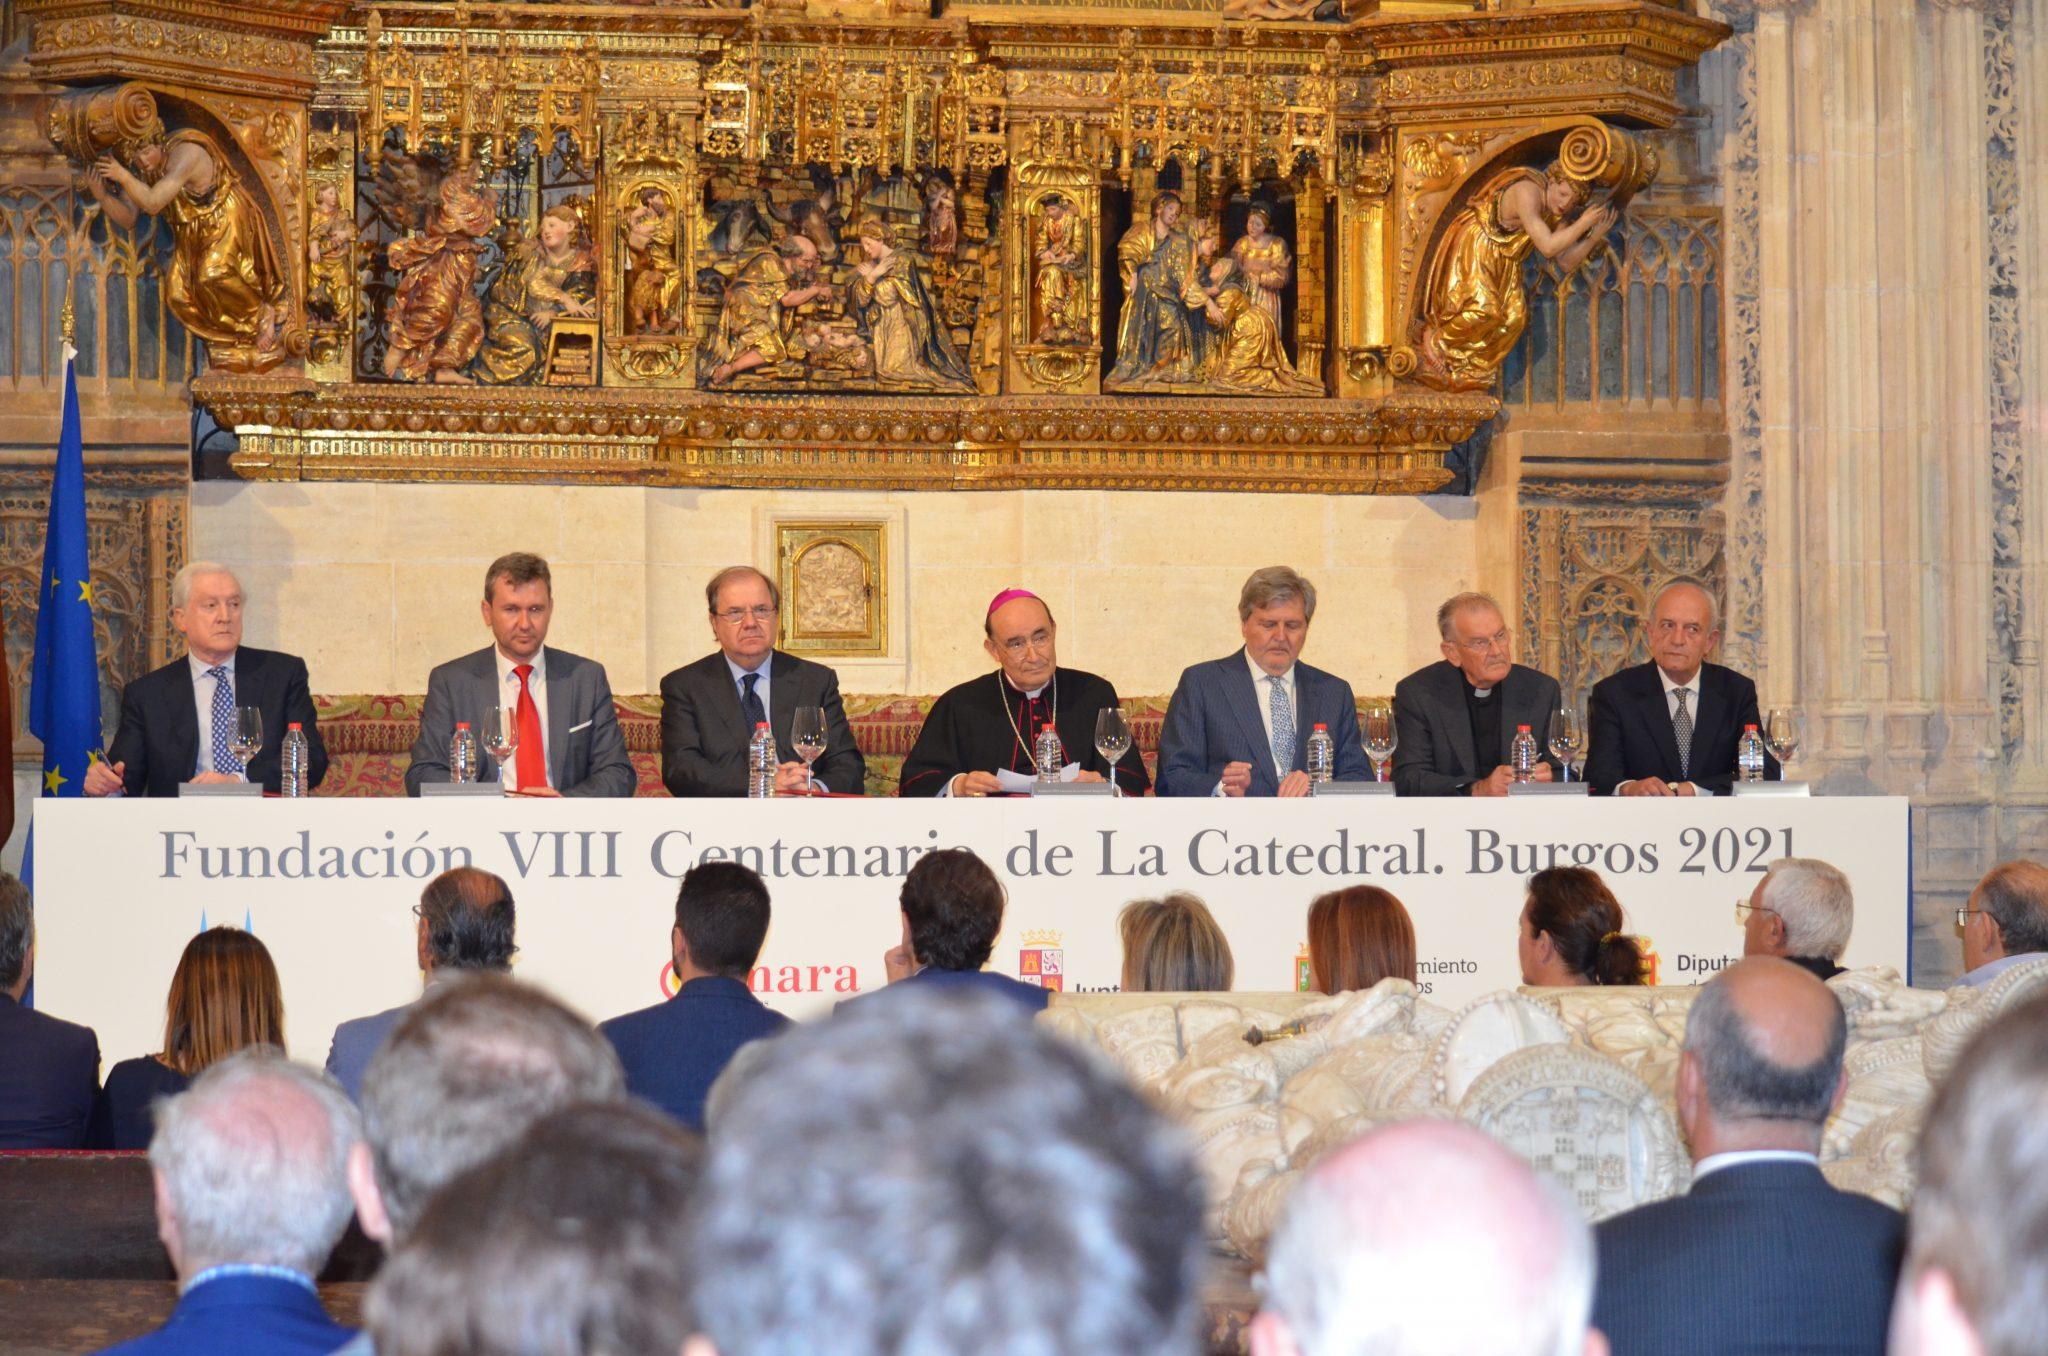 VIII Centenario Fundacion